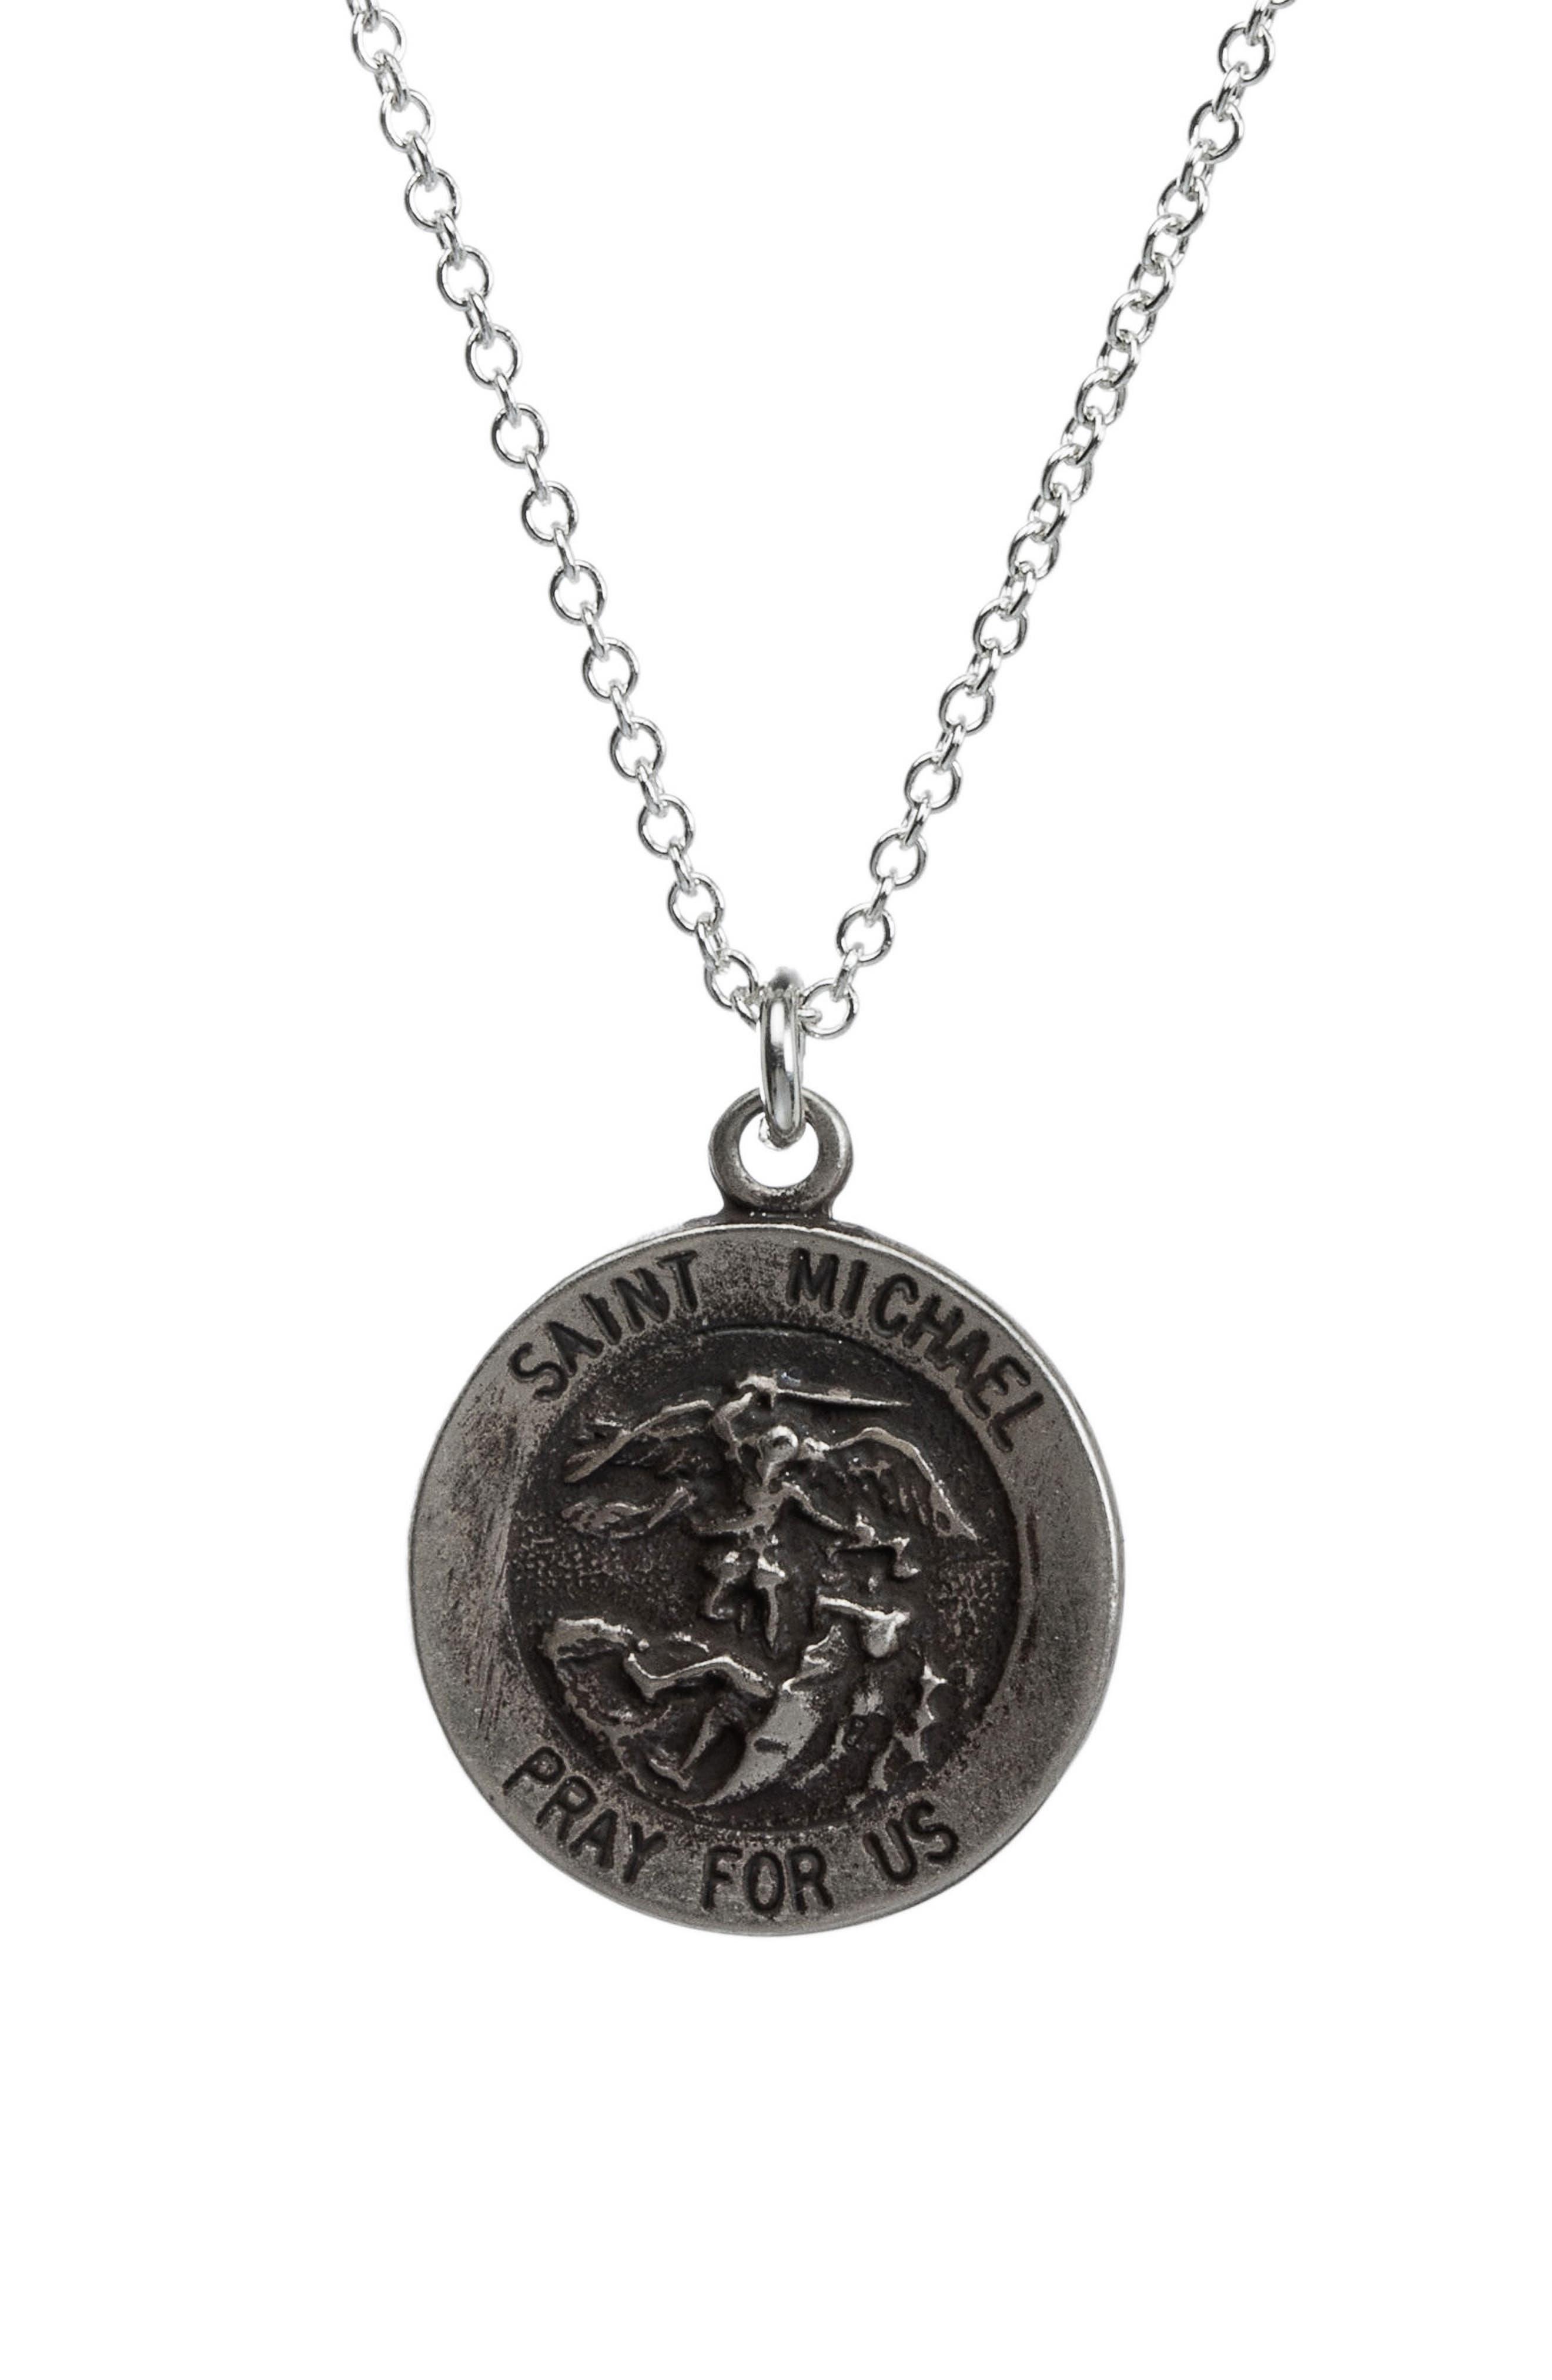 Saint Michael Pendant Necklace,                         Main,                         color, Silver